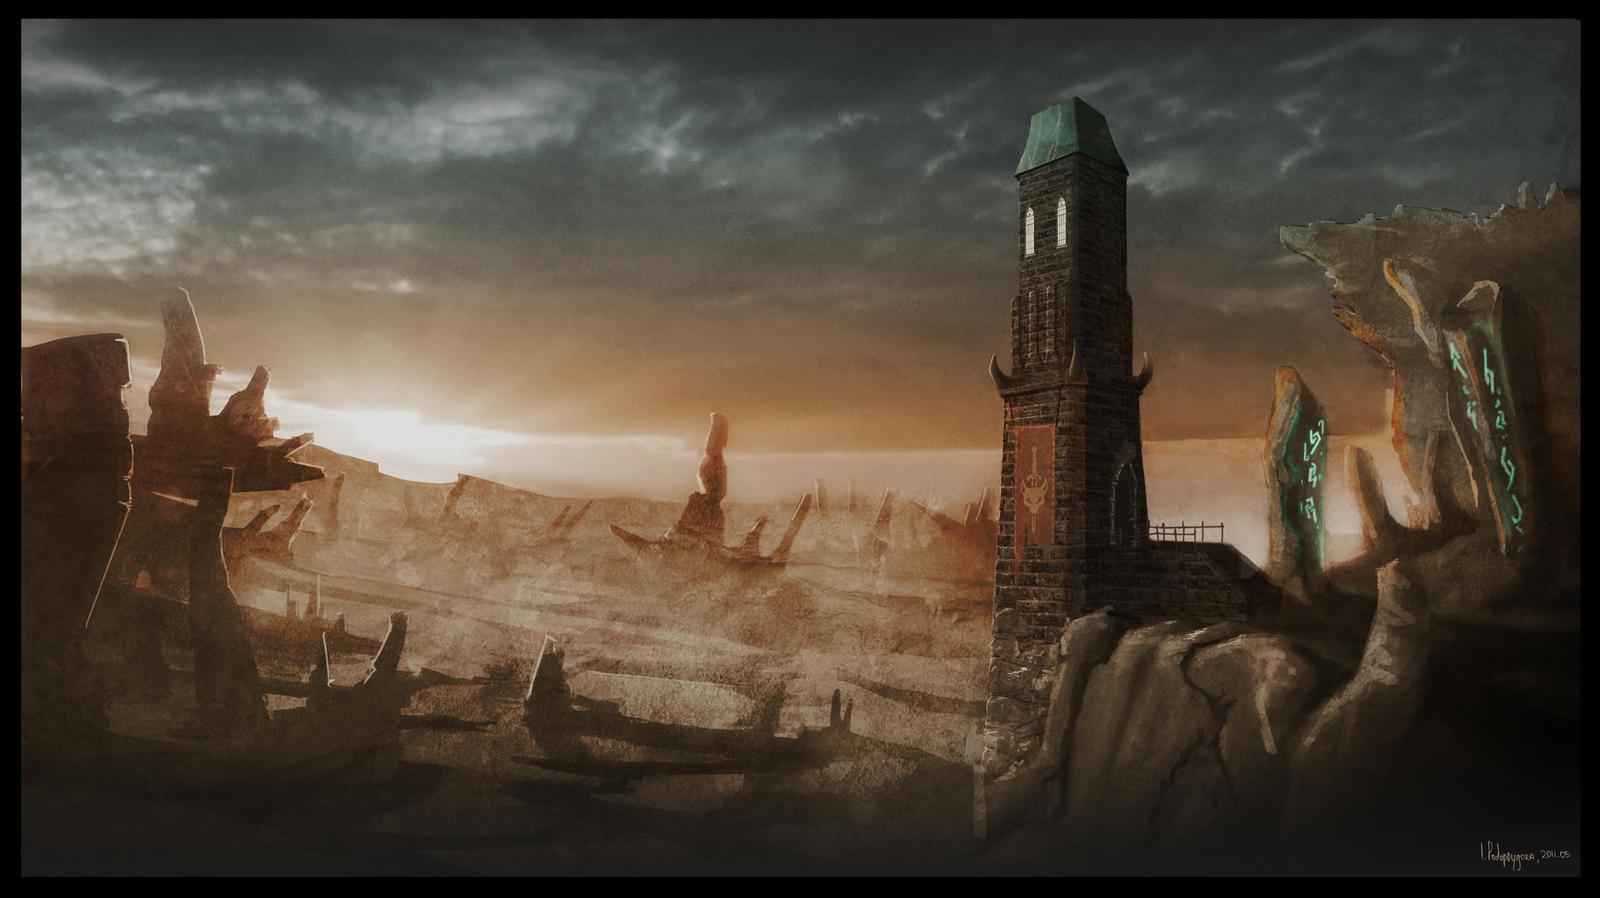 watchtower by vianreps